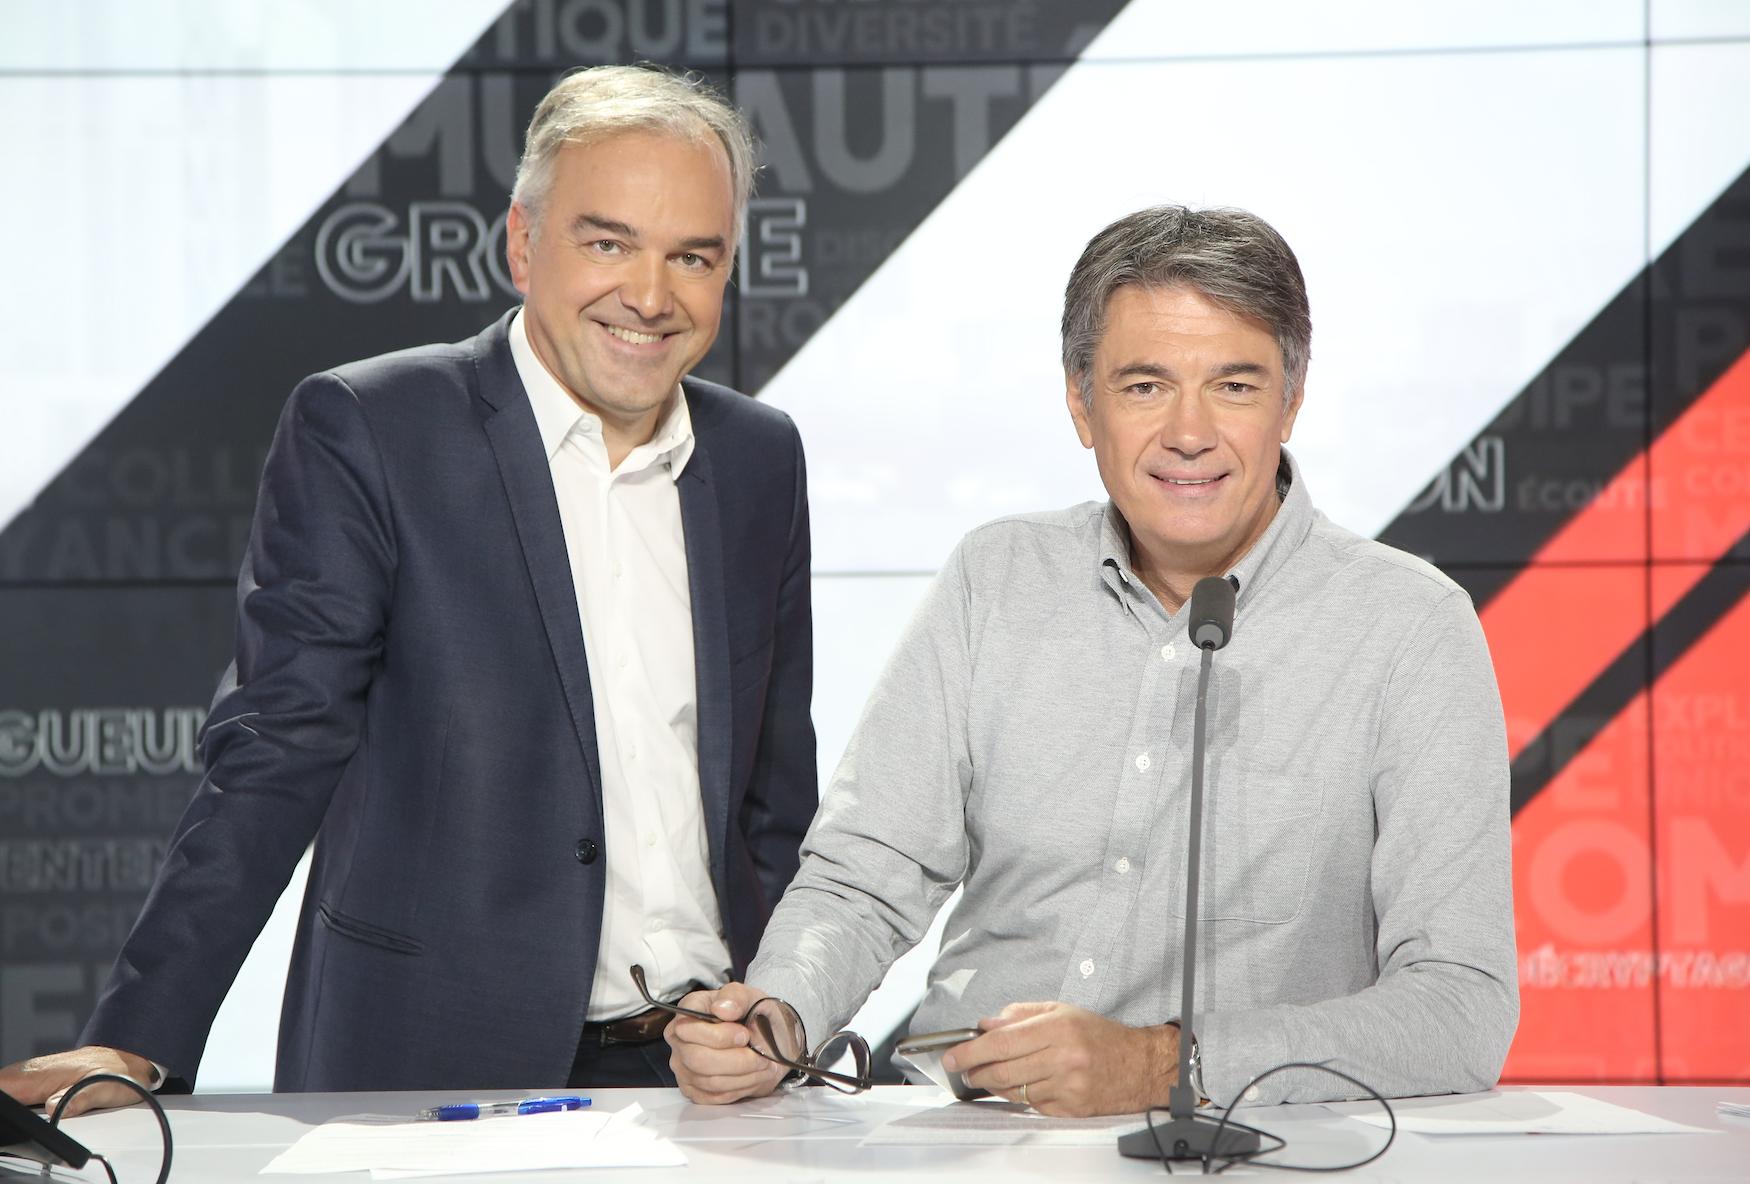 15 ans après son lancement, l'émission Les GG réunit 1,7 million d'auditeurs chaque matin sur RMC et 800 000 à la télévision. / Crédit Photo RMC